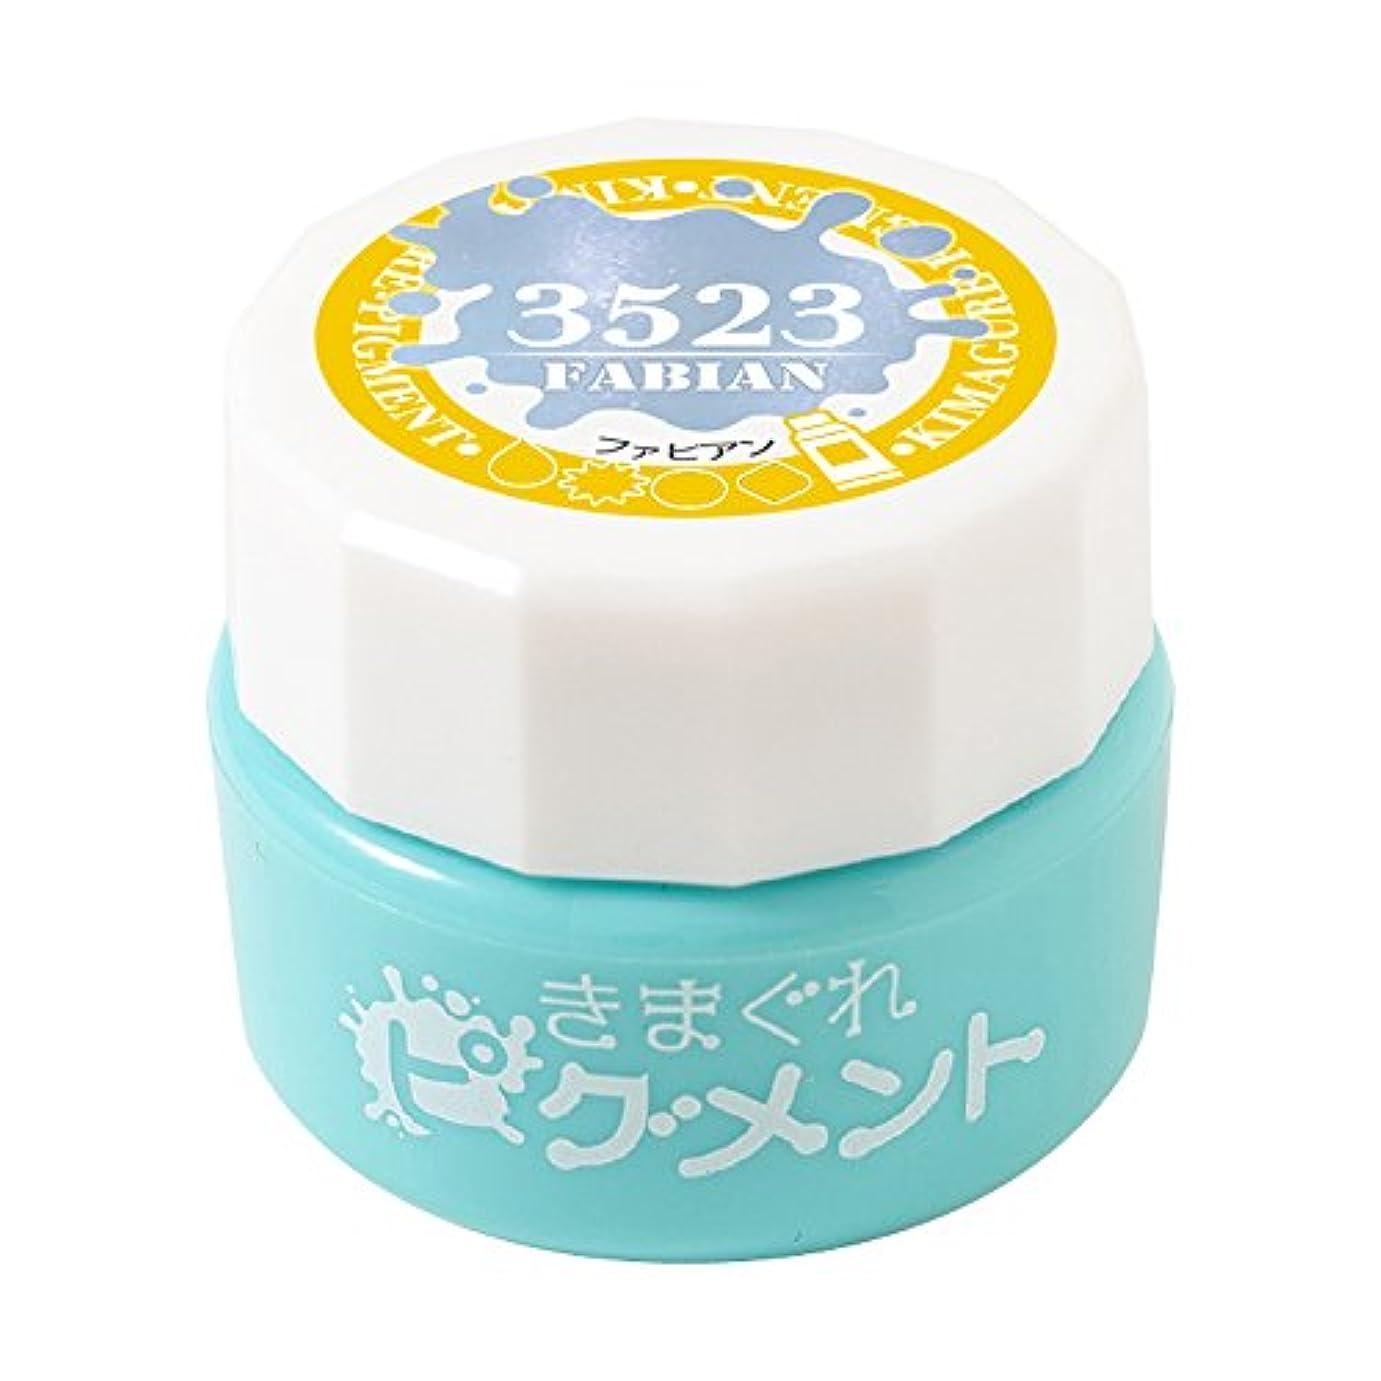 意識米国乳Bettygel きまぐれピグメント ファビアン QYJ-3523 4g UV/LED対応